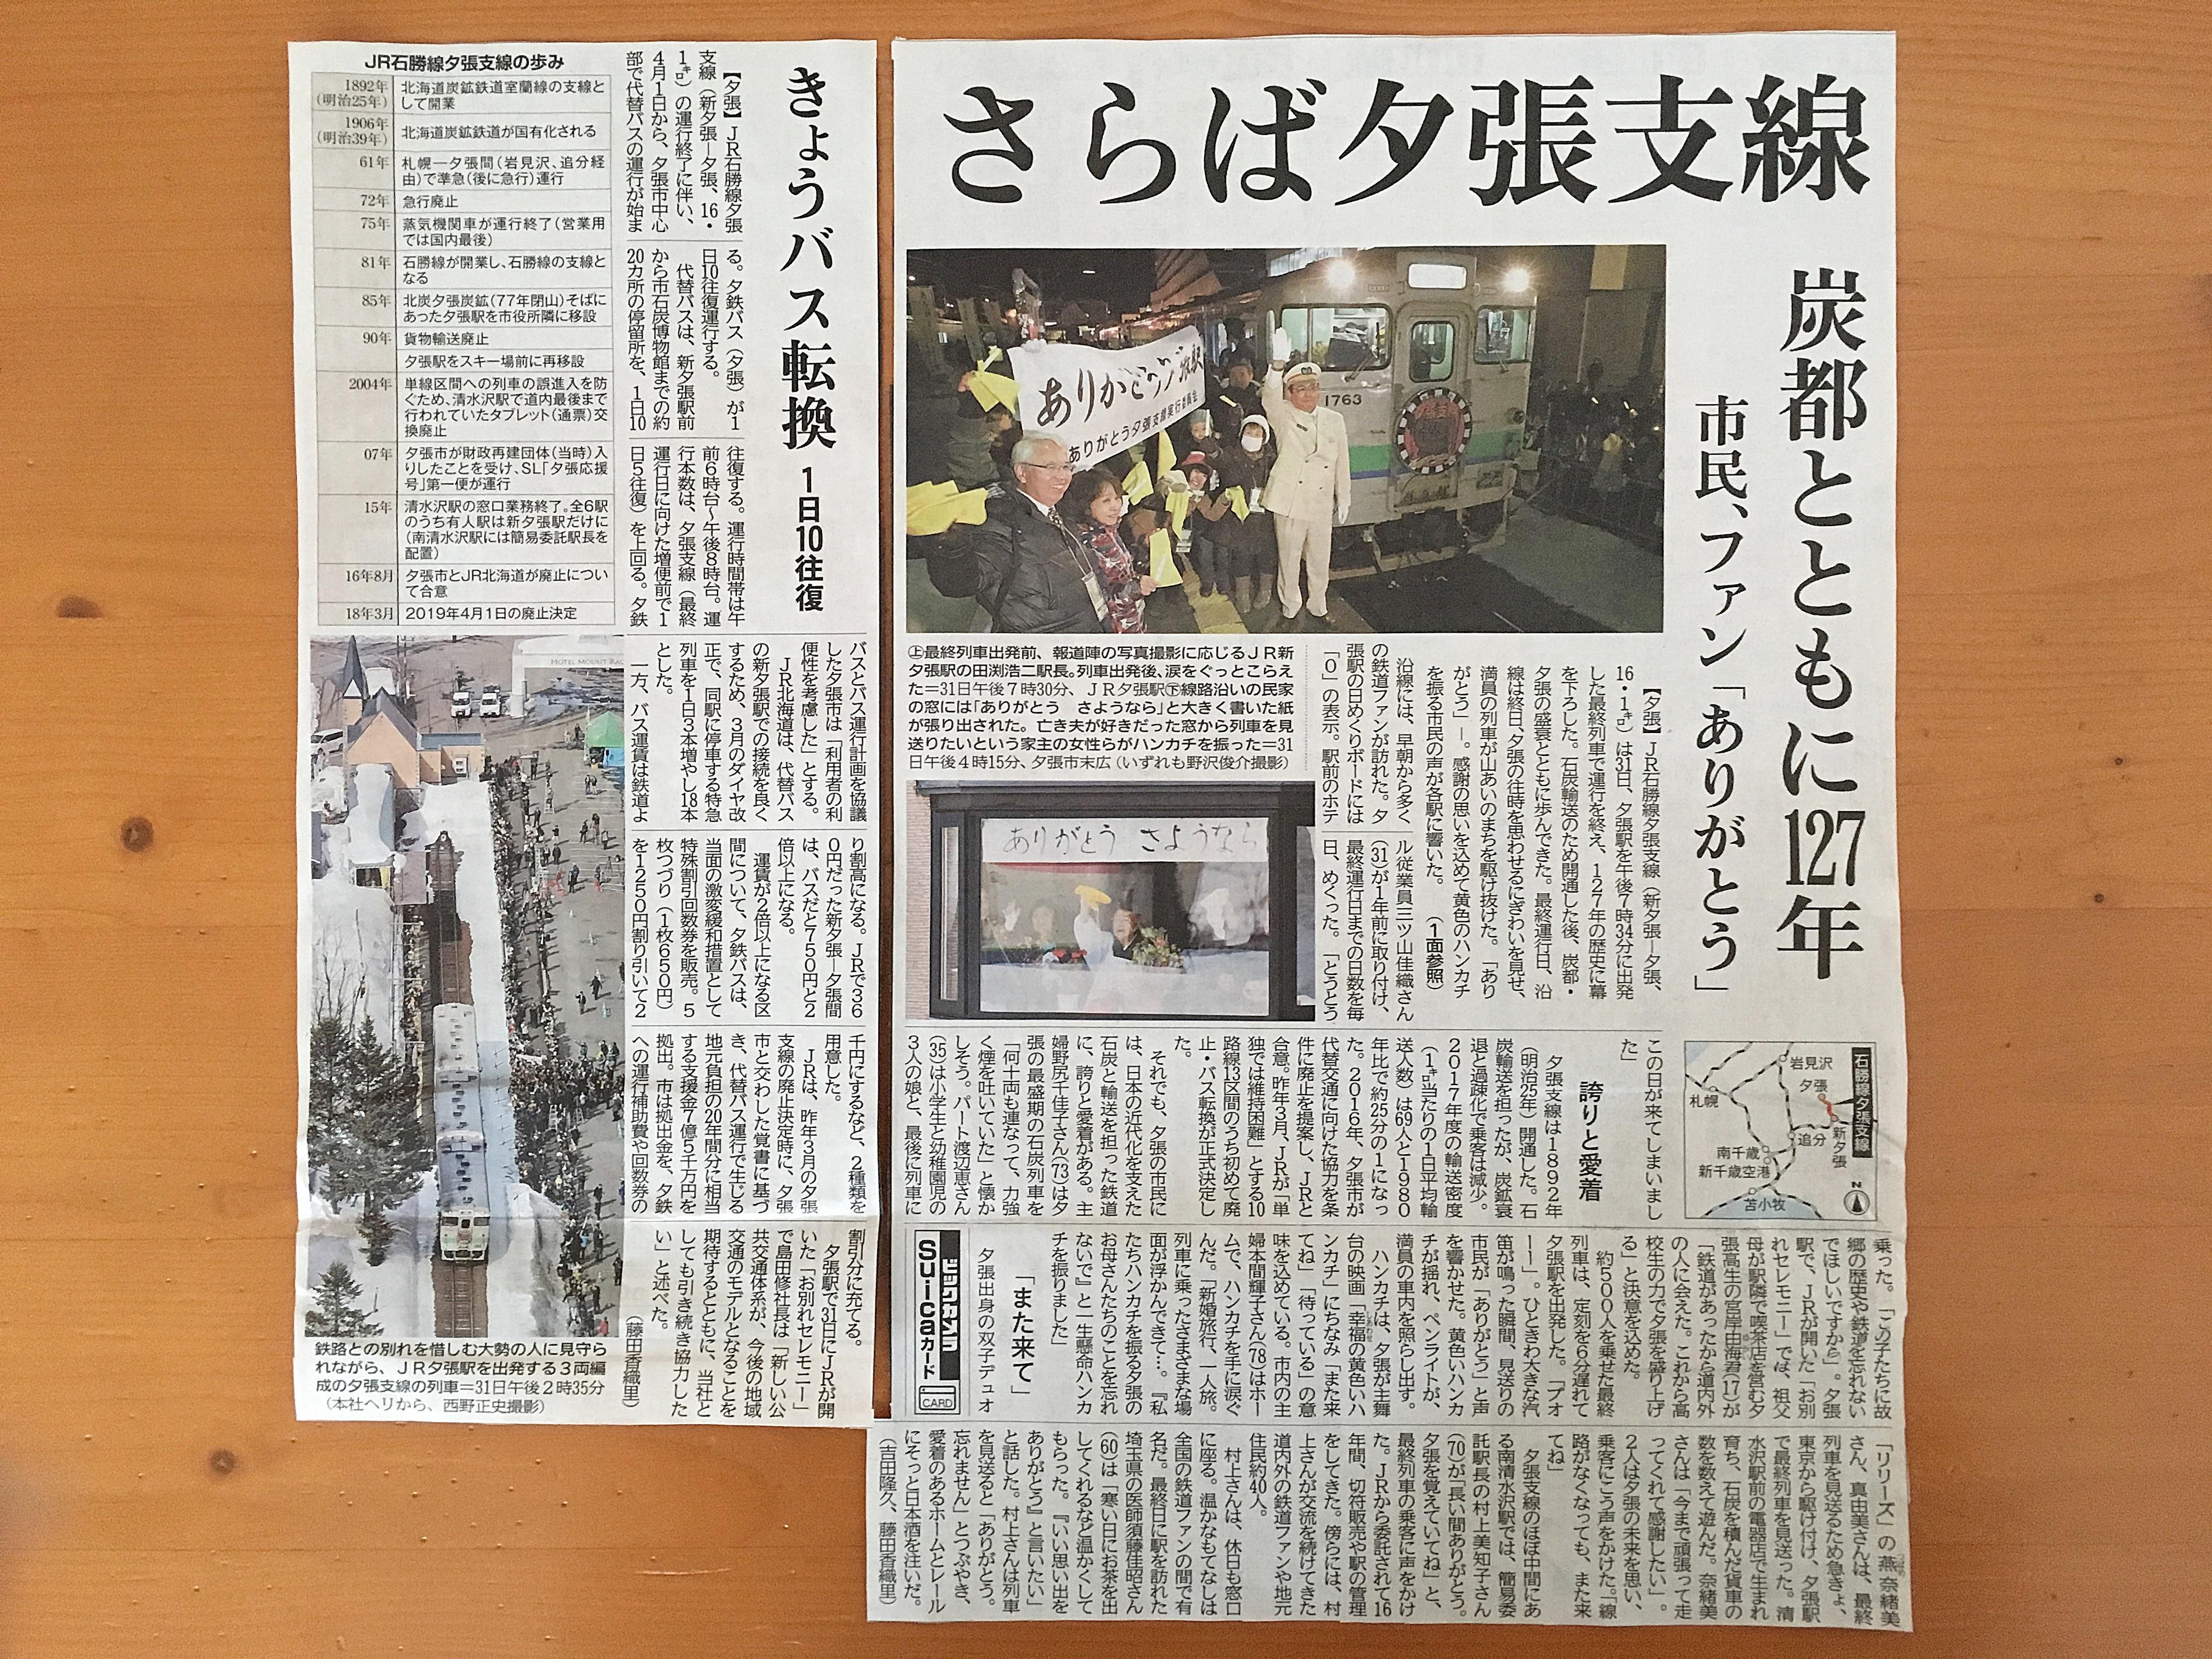 石勝線・夕張支線廃線記事190401.JPG